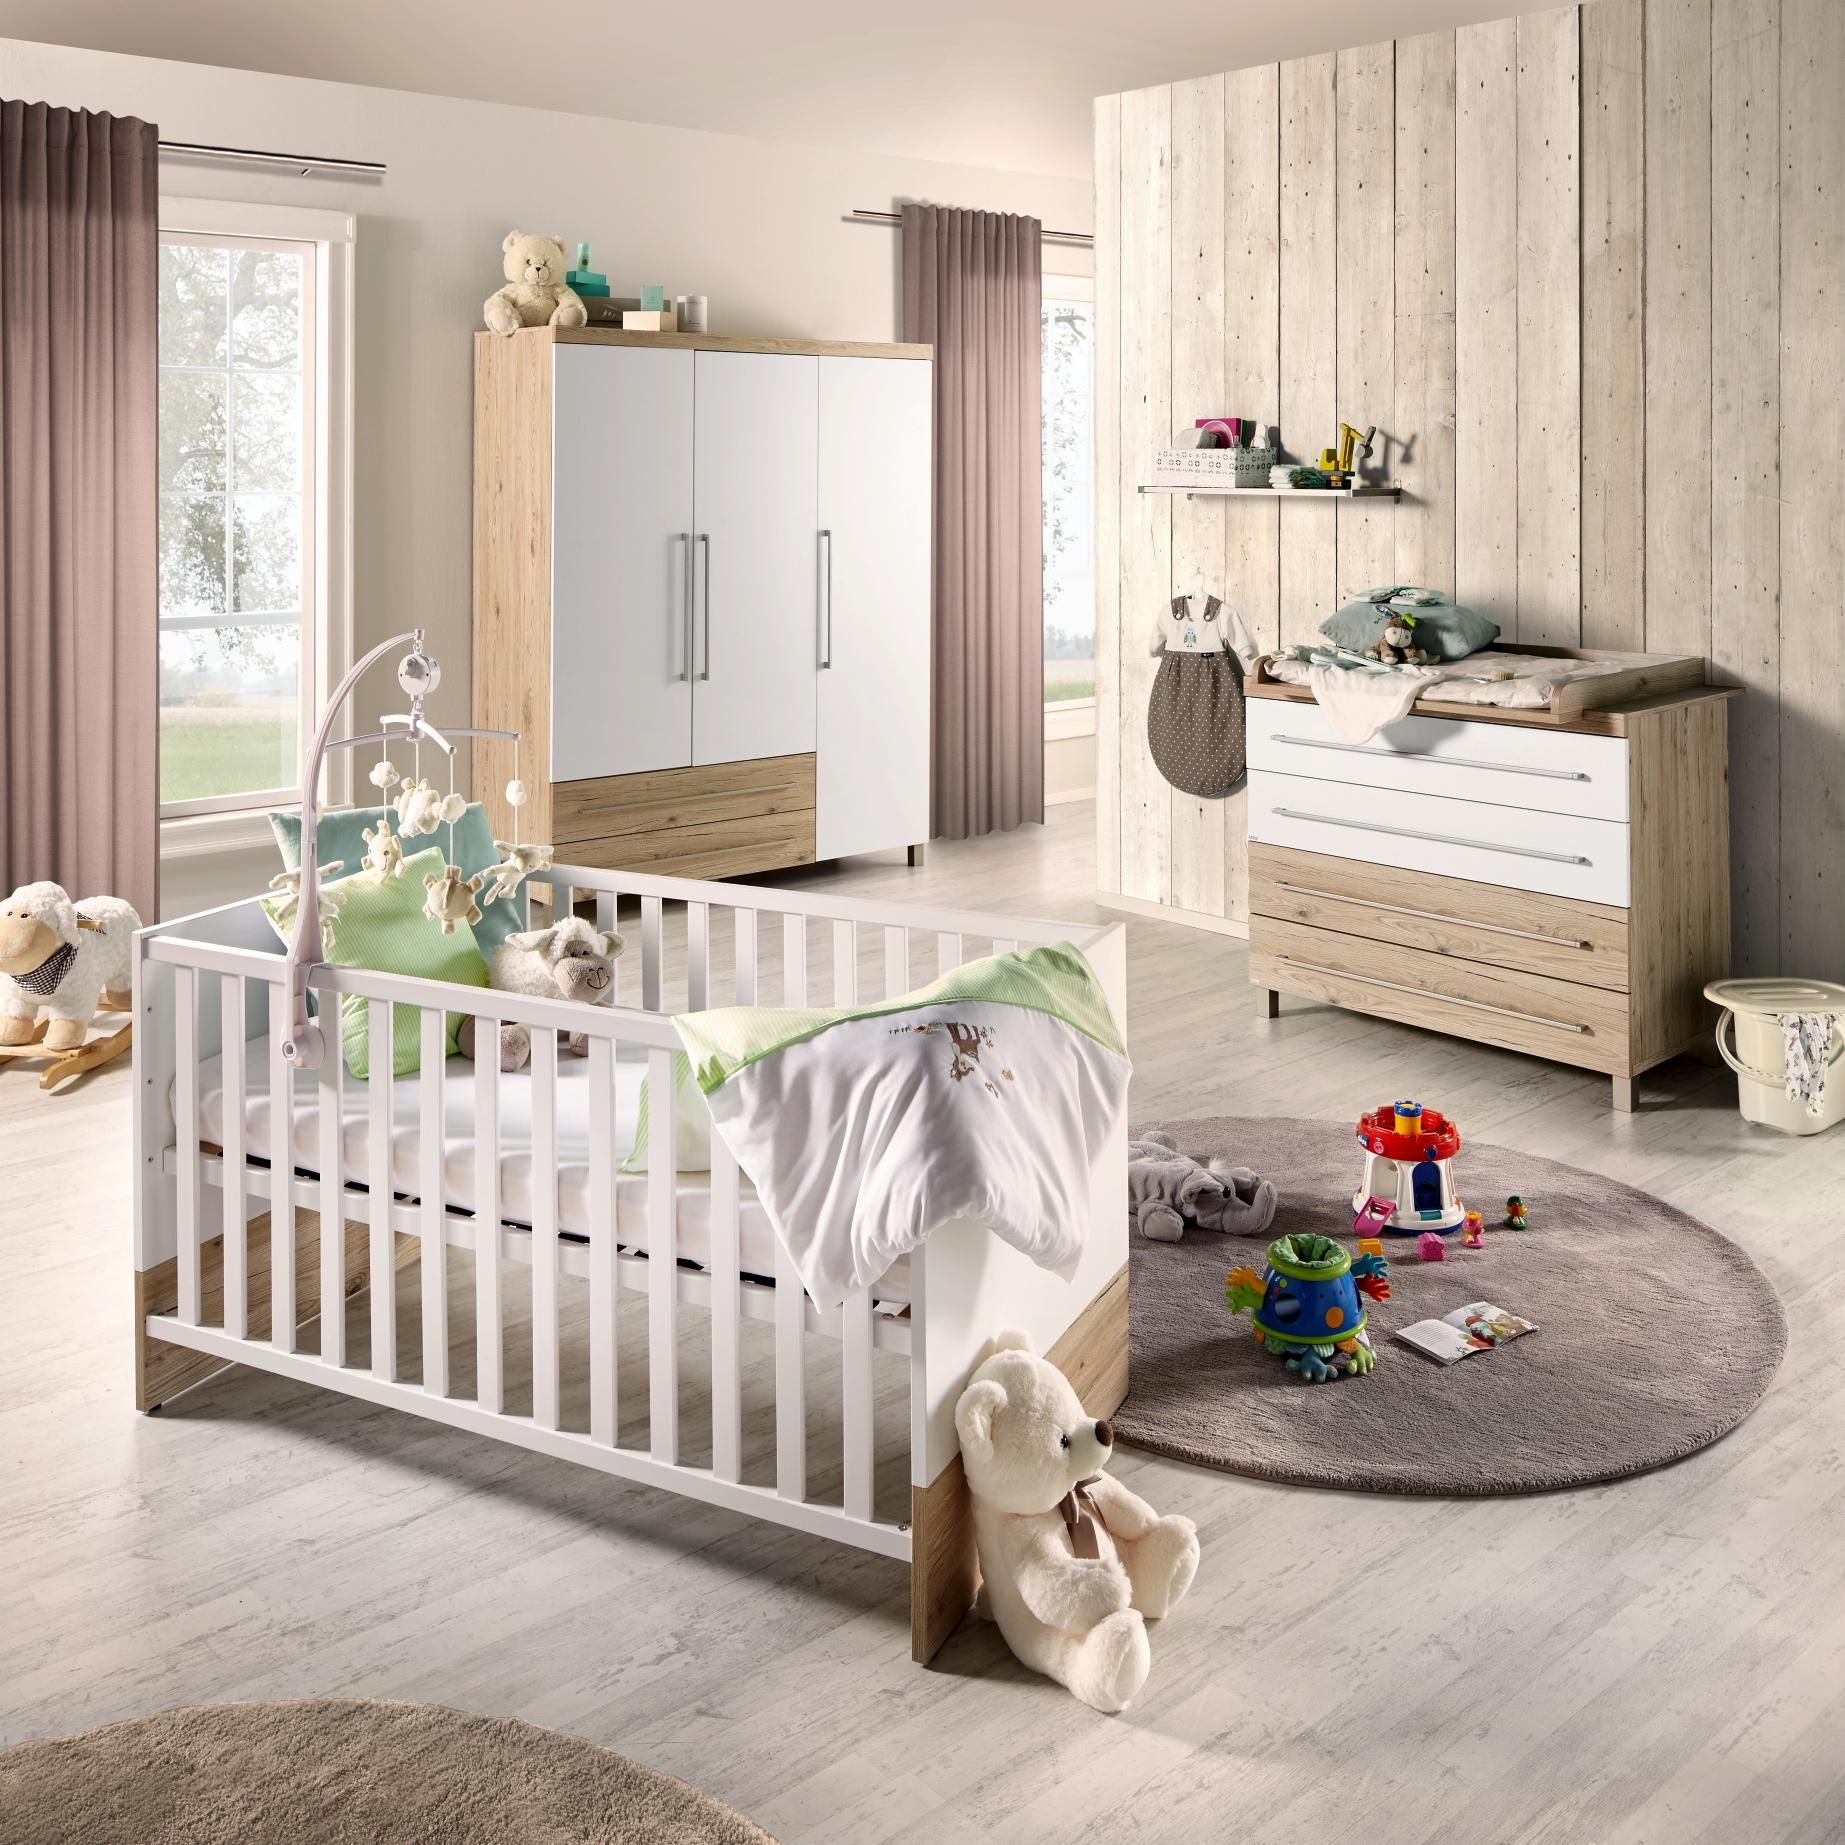 babyzimme inspiration bild und abcededcdcc